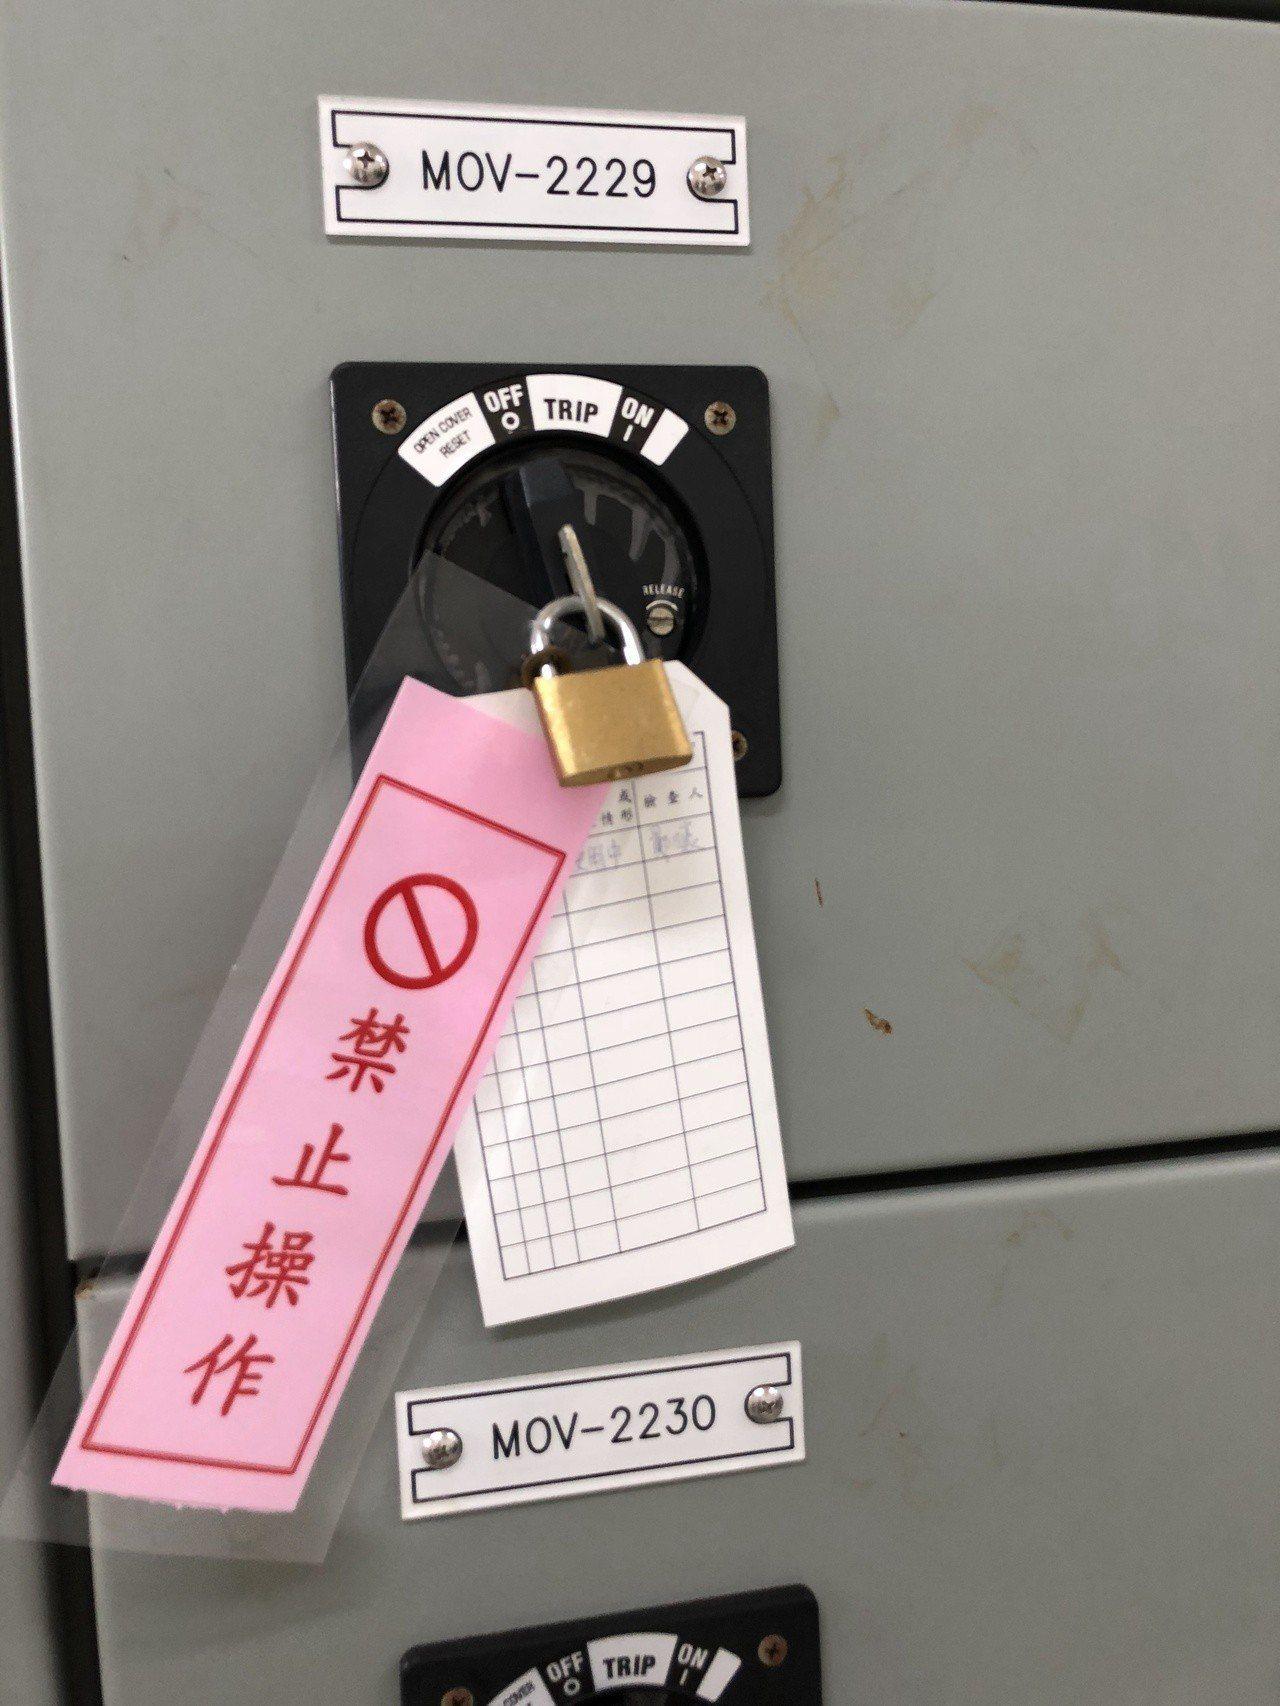 大潭計量站的電腦機房也被「鎖上加鎖」,減低誤關的機率。記者高詩琴/攝影